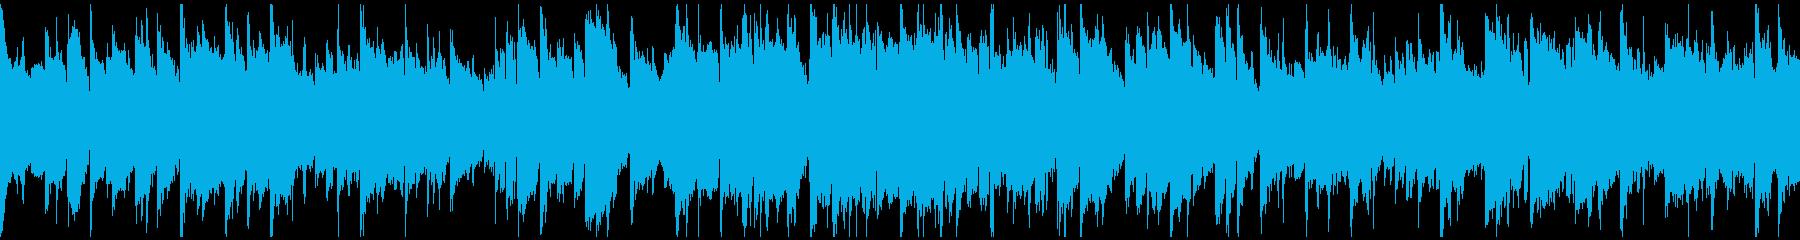 キラキラしたエピローグ的な笛 ※ループ版の再生済みの波形